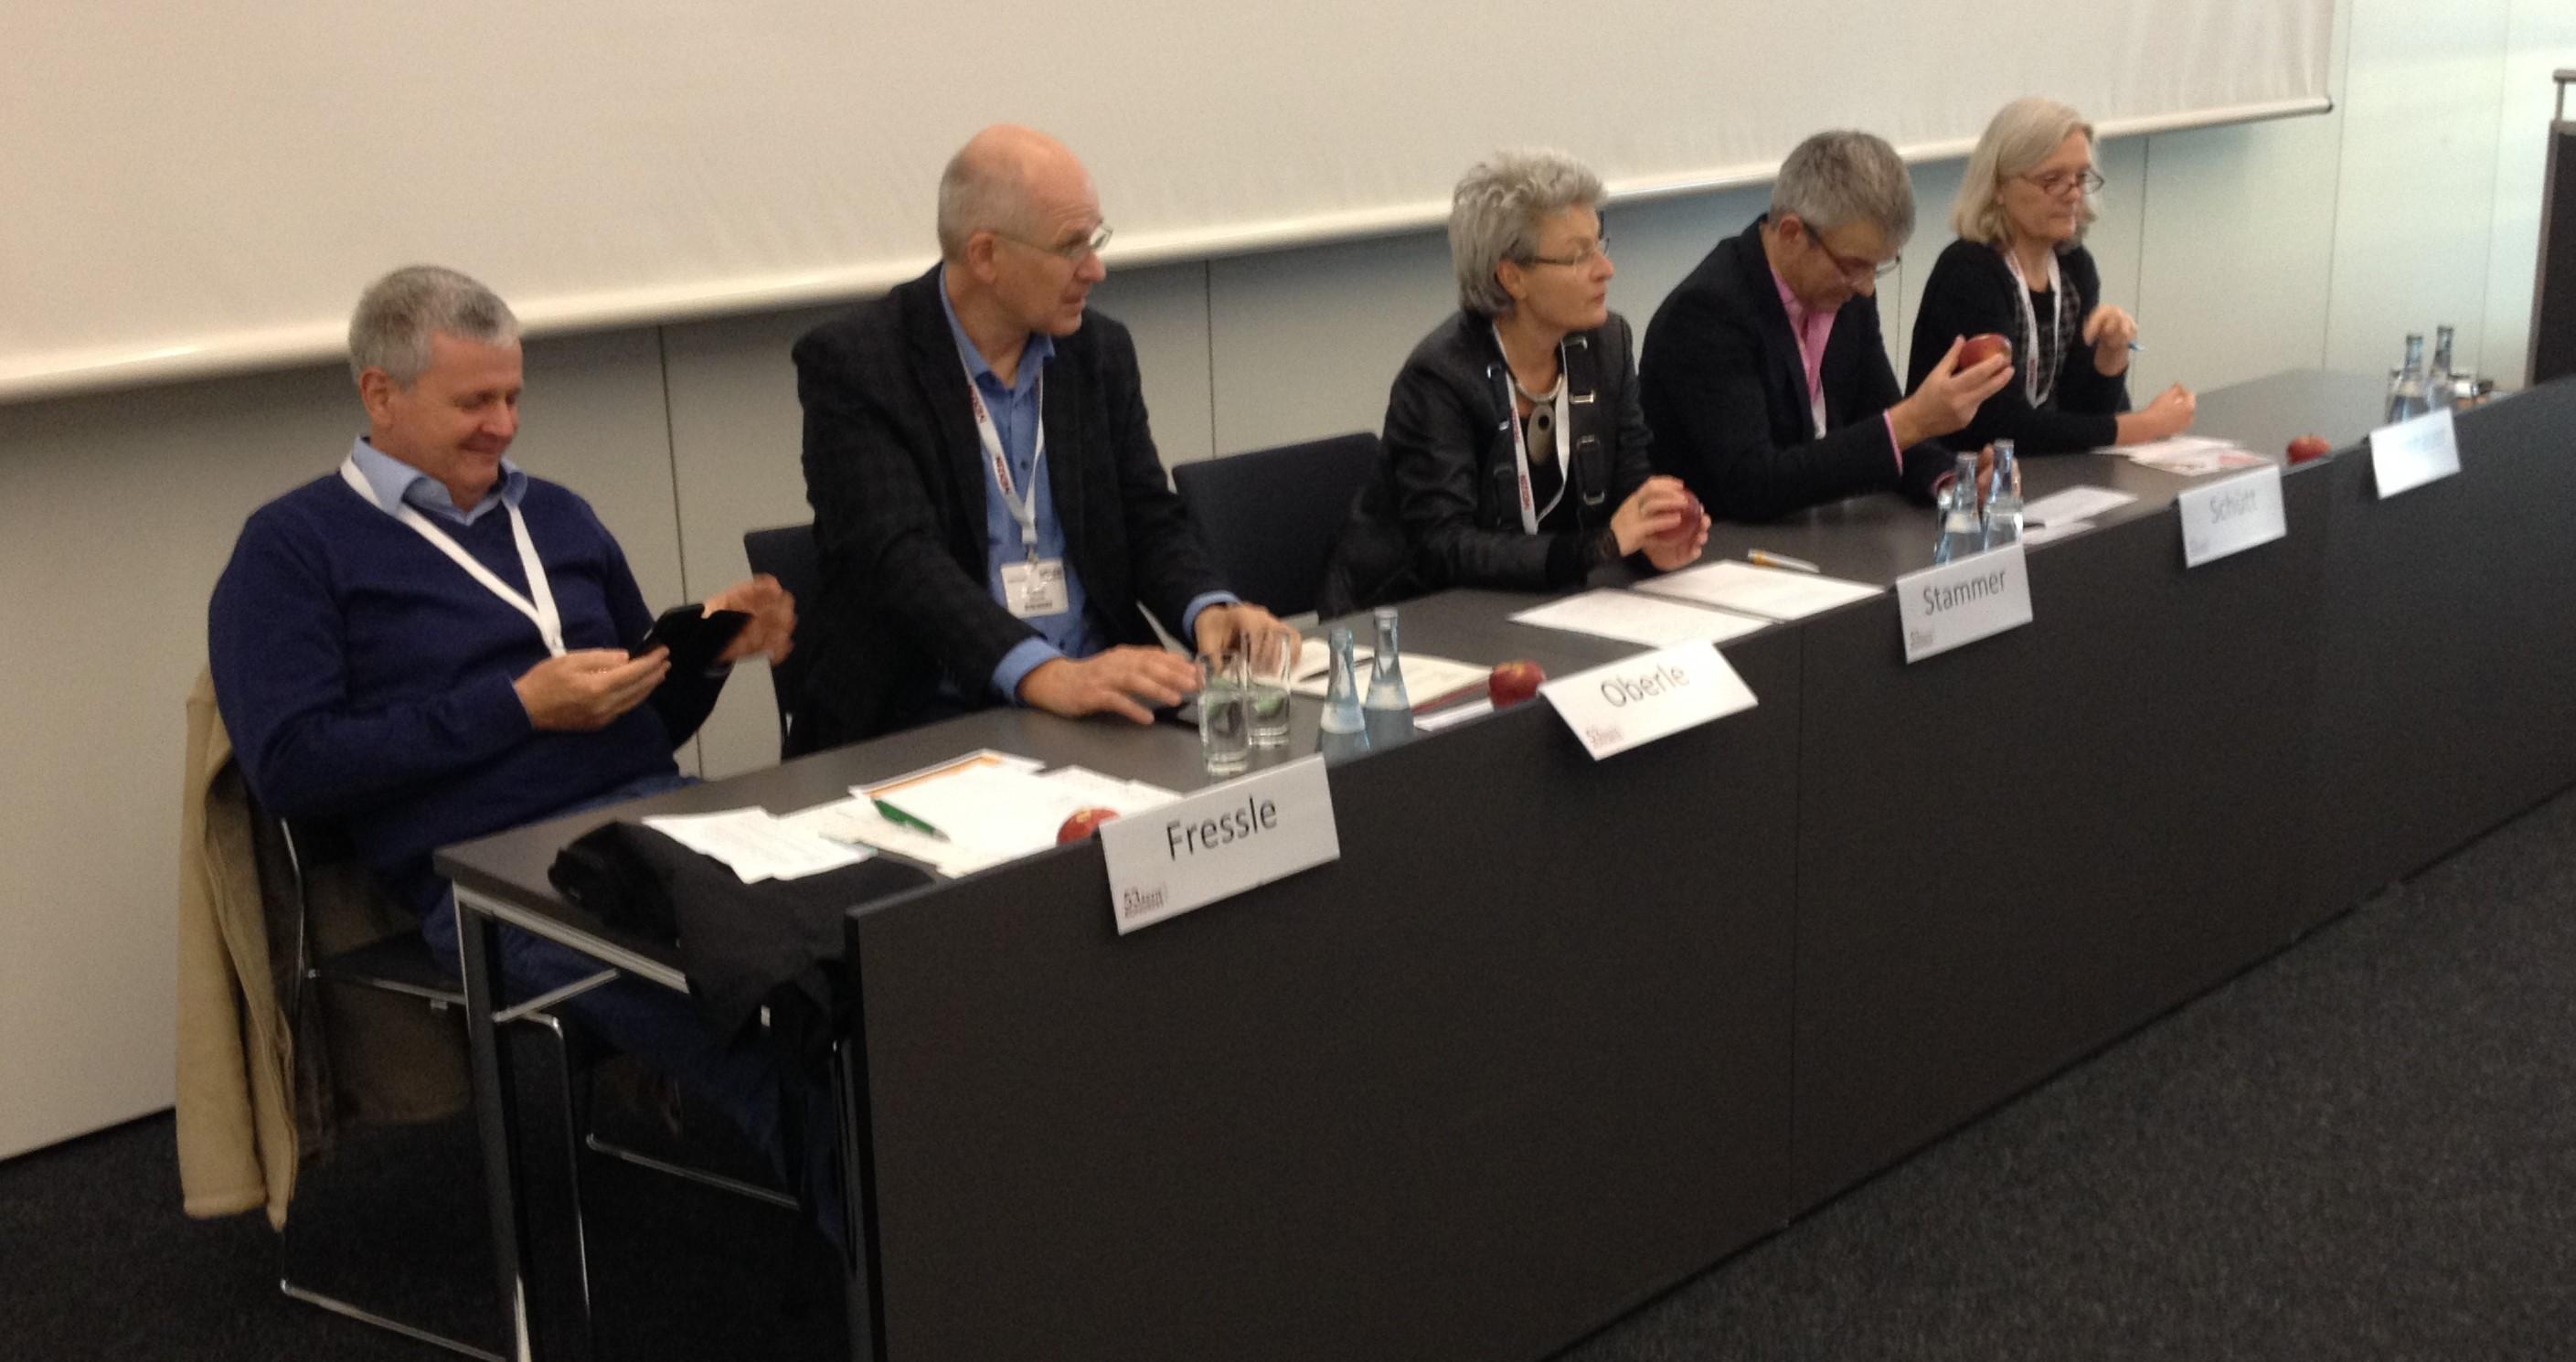 Auf dem Podium: Dr. Fressle, Dr. Oberle, Dr. Stammer, Dr. Schütt, J. Eichenauer (von links nach rechts)